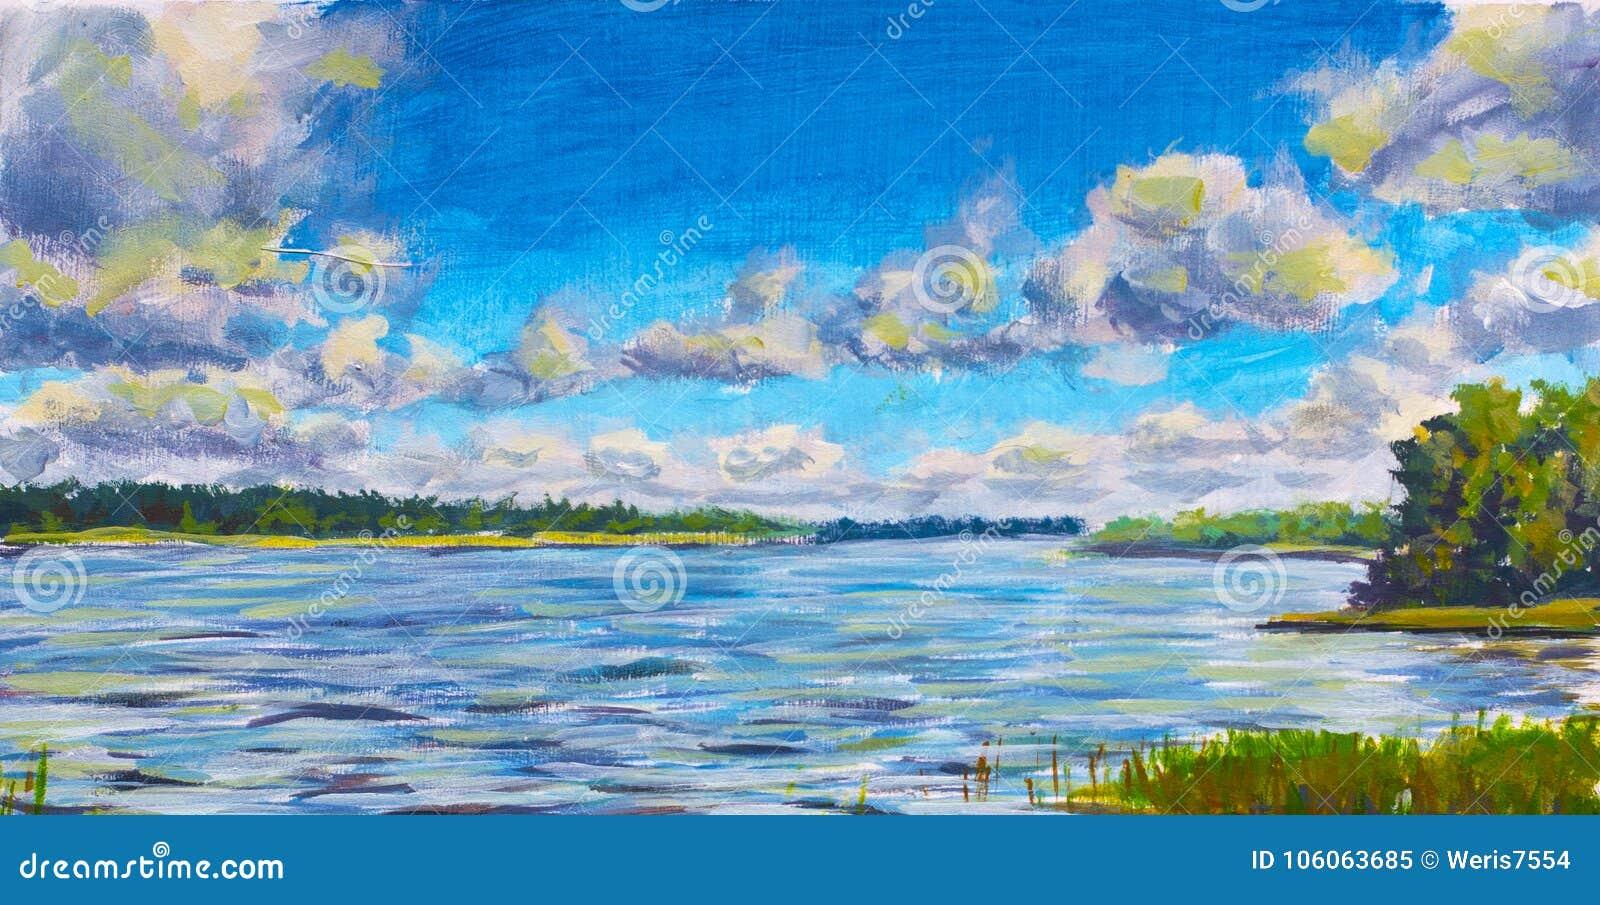 Красивое фиолетовое река, большие облака против голубого неба, Green River кренит, картина маслом русского озера первоначально на